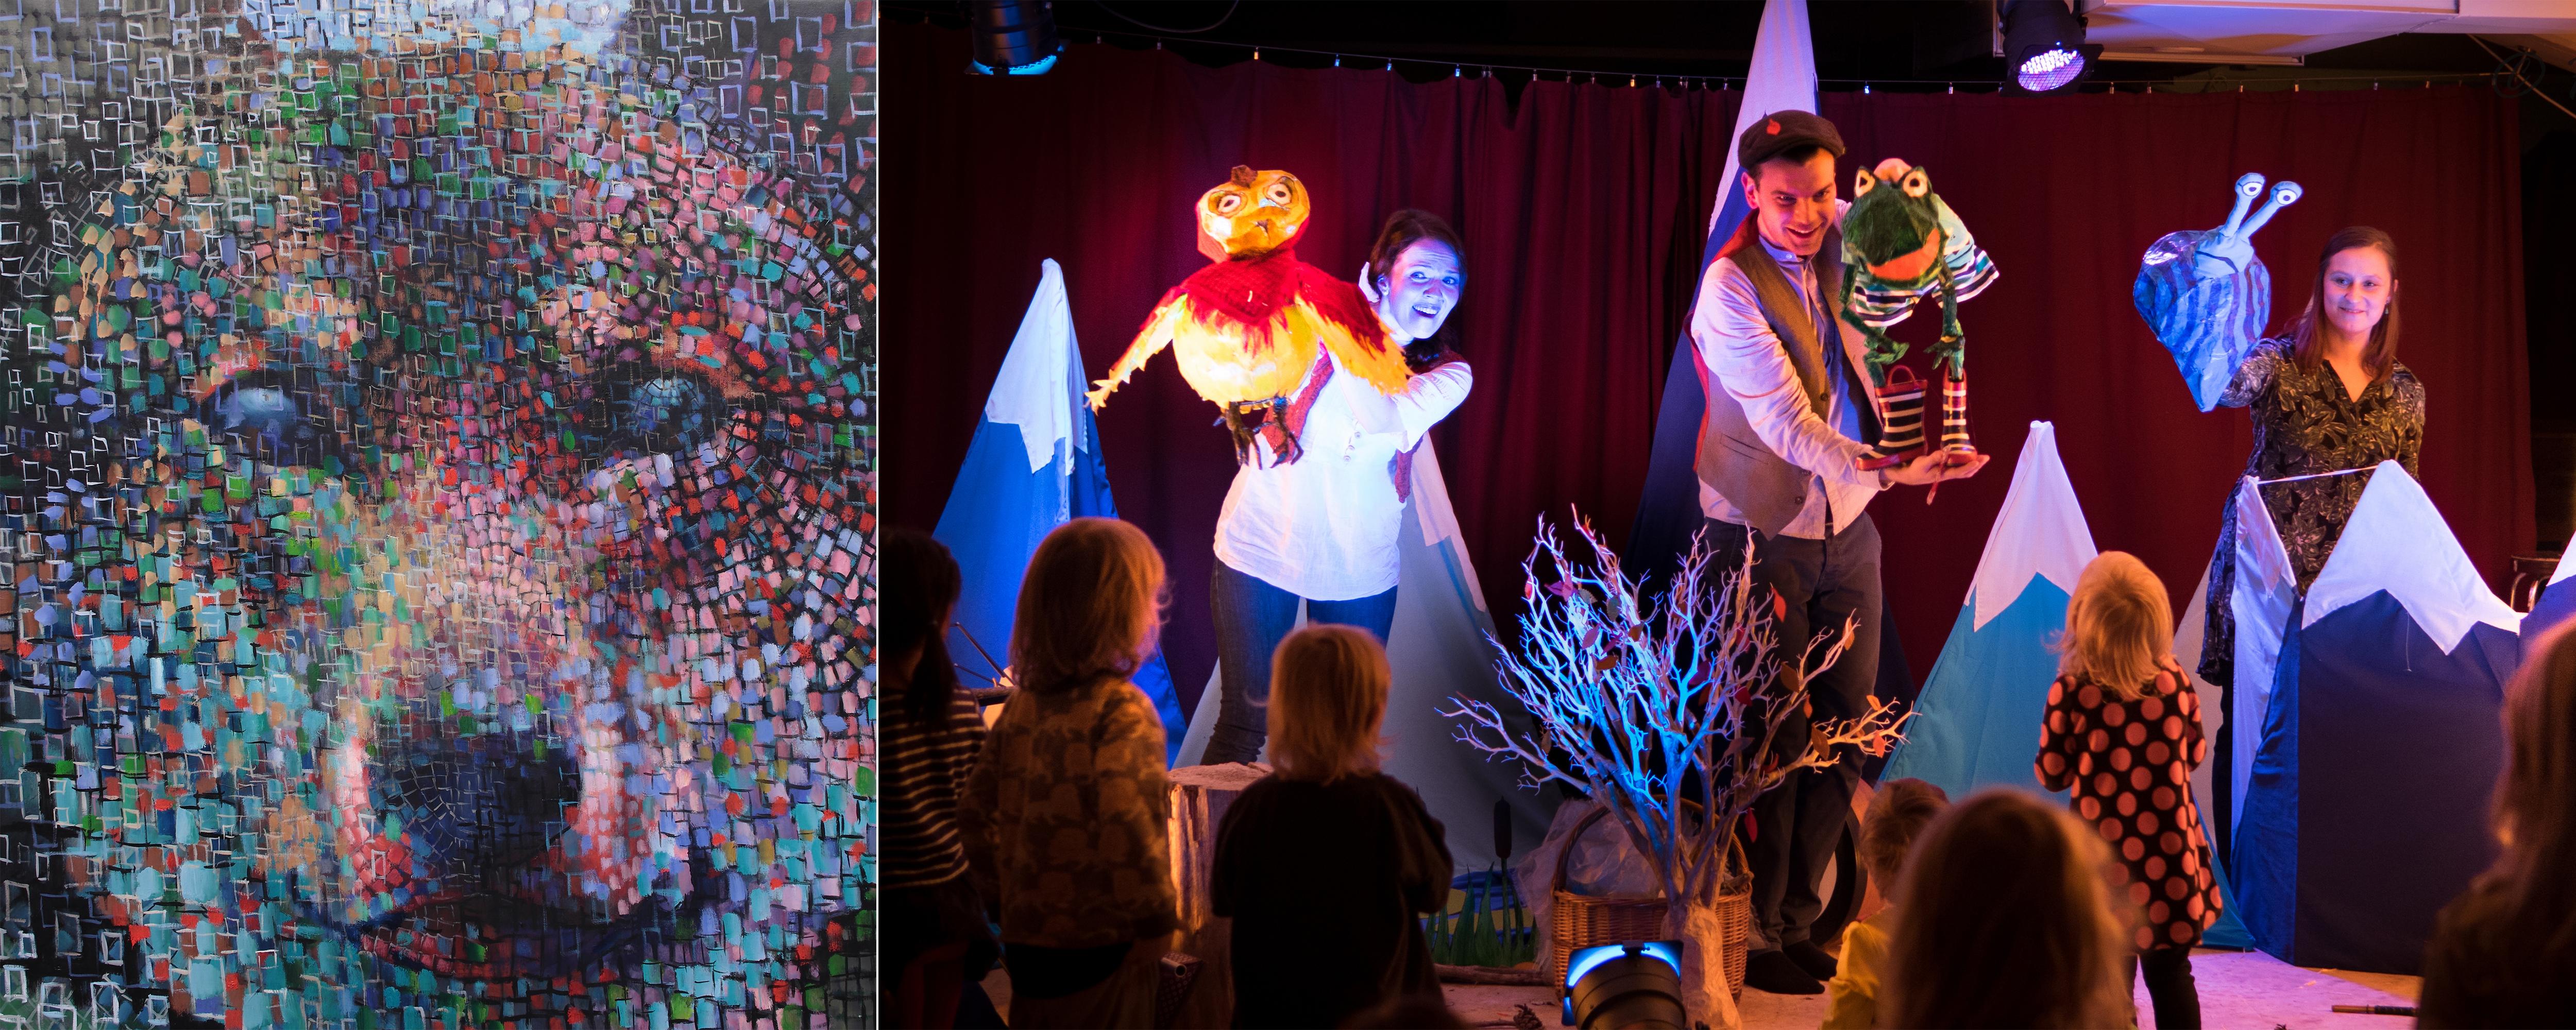 Lasten lauantai järjestetään Kangasala-talossa ja Kimmo Pyykkö -taidemuseossa huhtikuussa 2019.